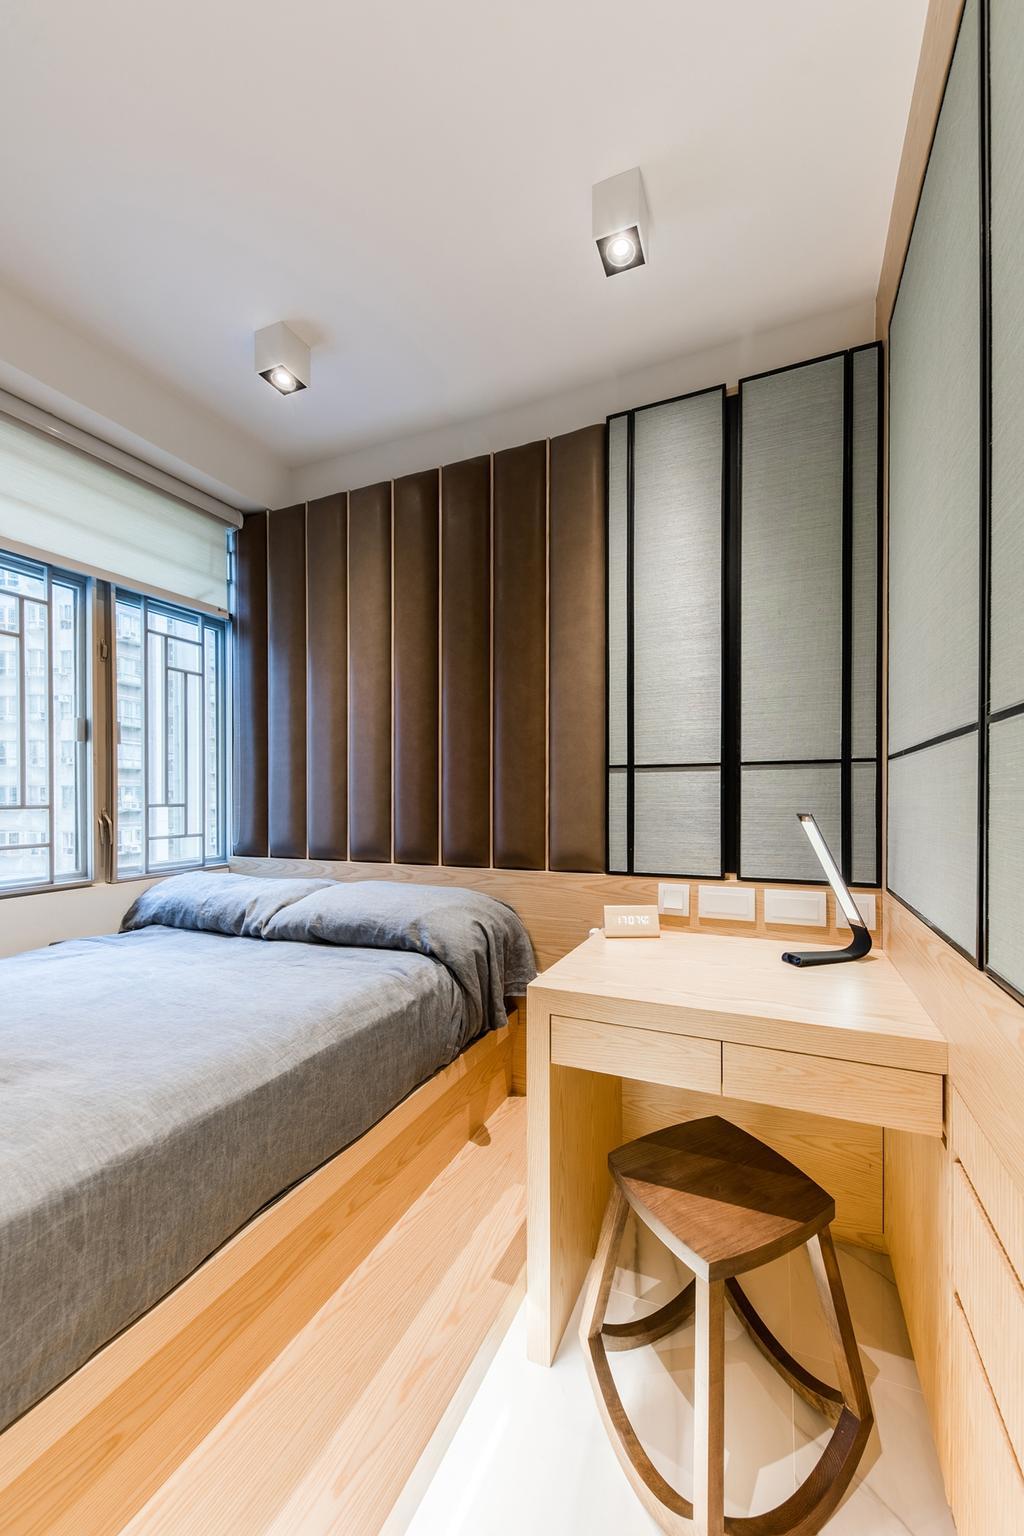 當代, 私家樓, 睡房, 華翠園, 室內設計師, BC+ Design Studio, 傳統, Bed, Furniture, Indoors, Interior Design